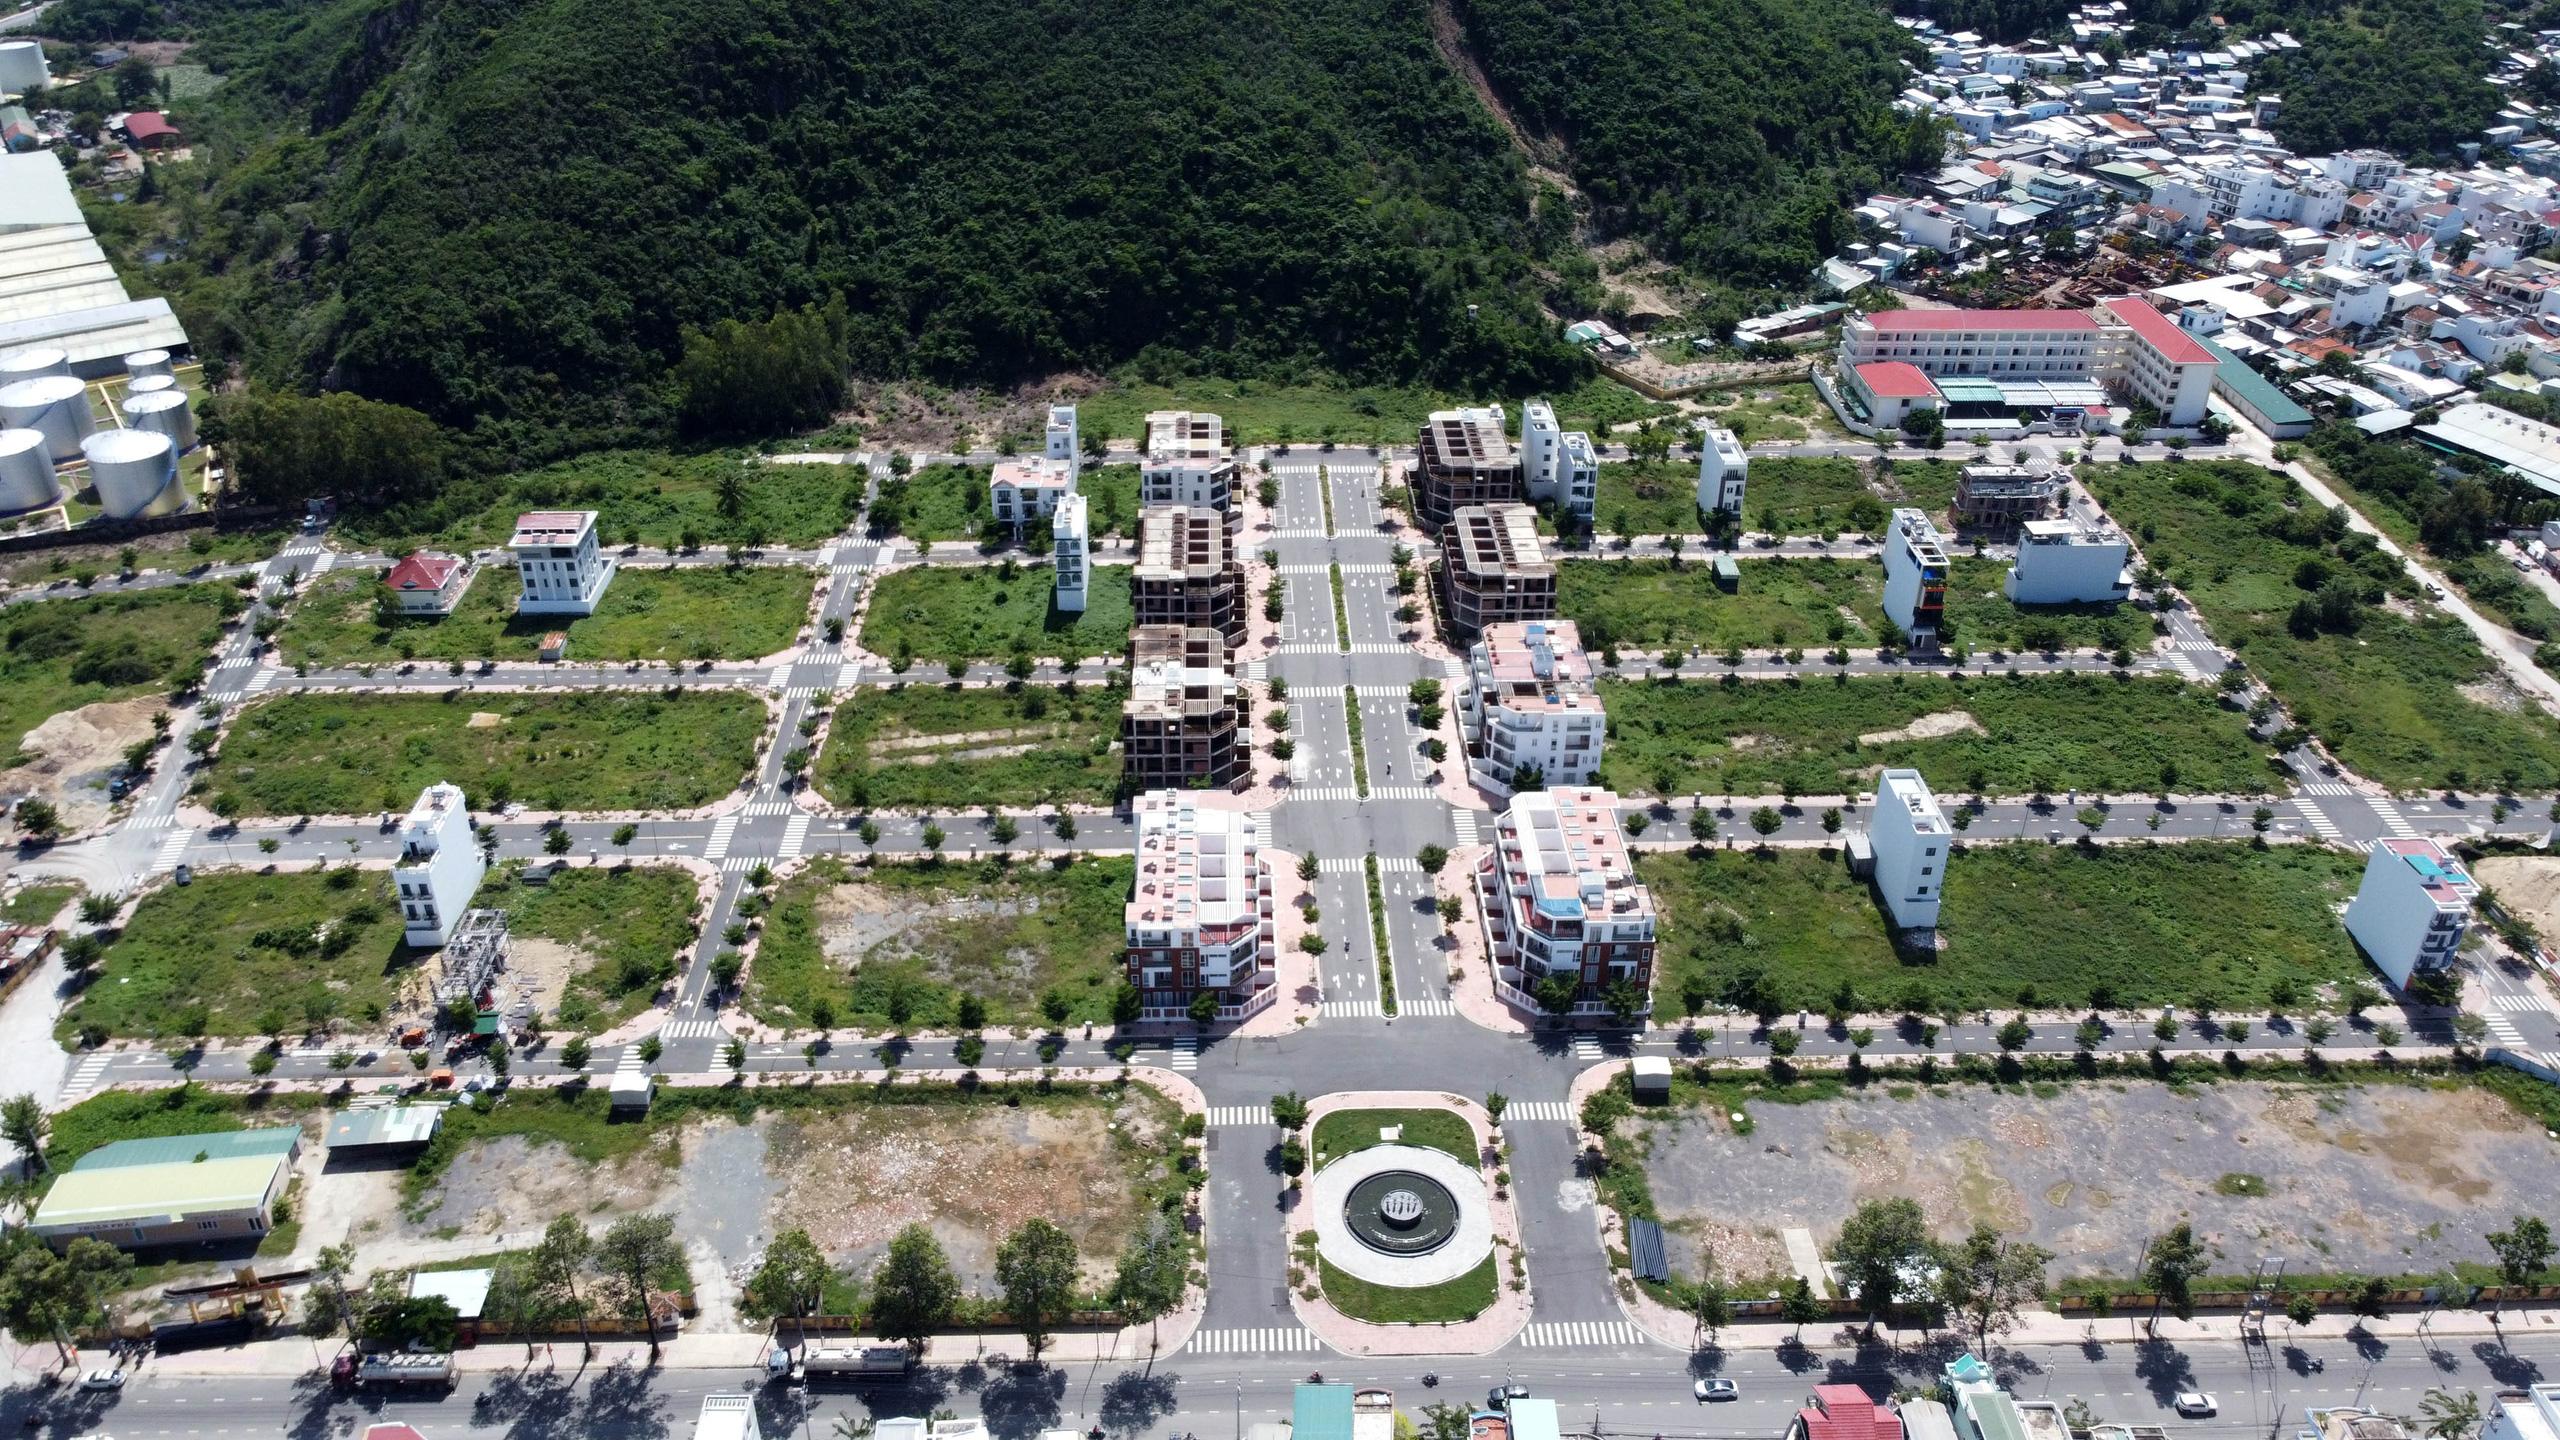 Nha Trang còn khoảng 11 ha đất sạch phát triển NƠXH nhưng nhà đầu tư chậm triển khai - Ảnh 2.